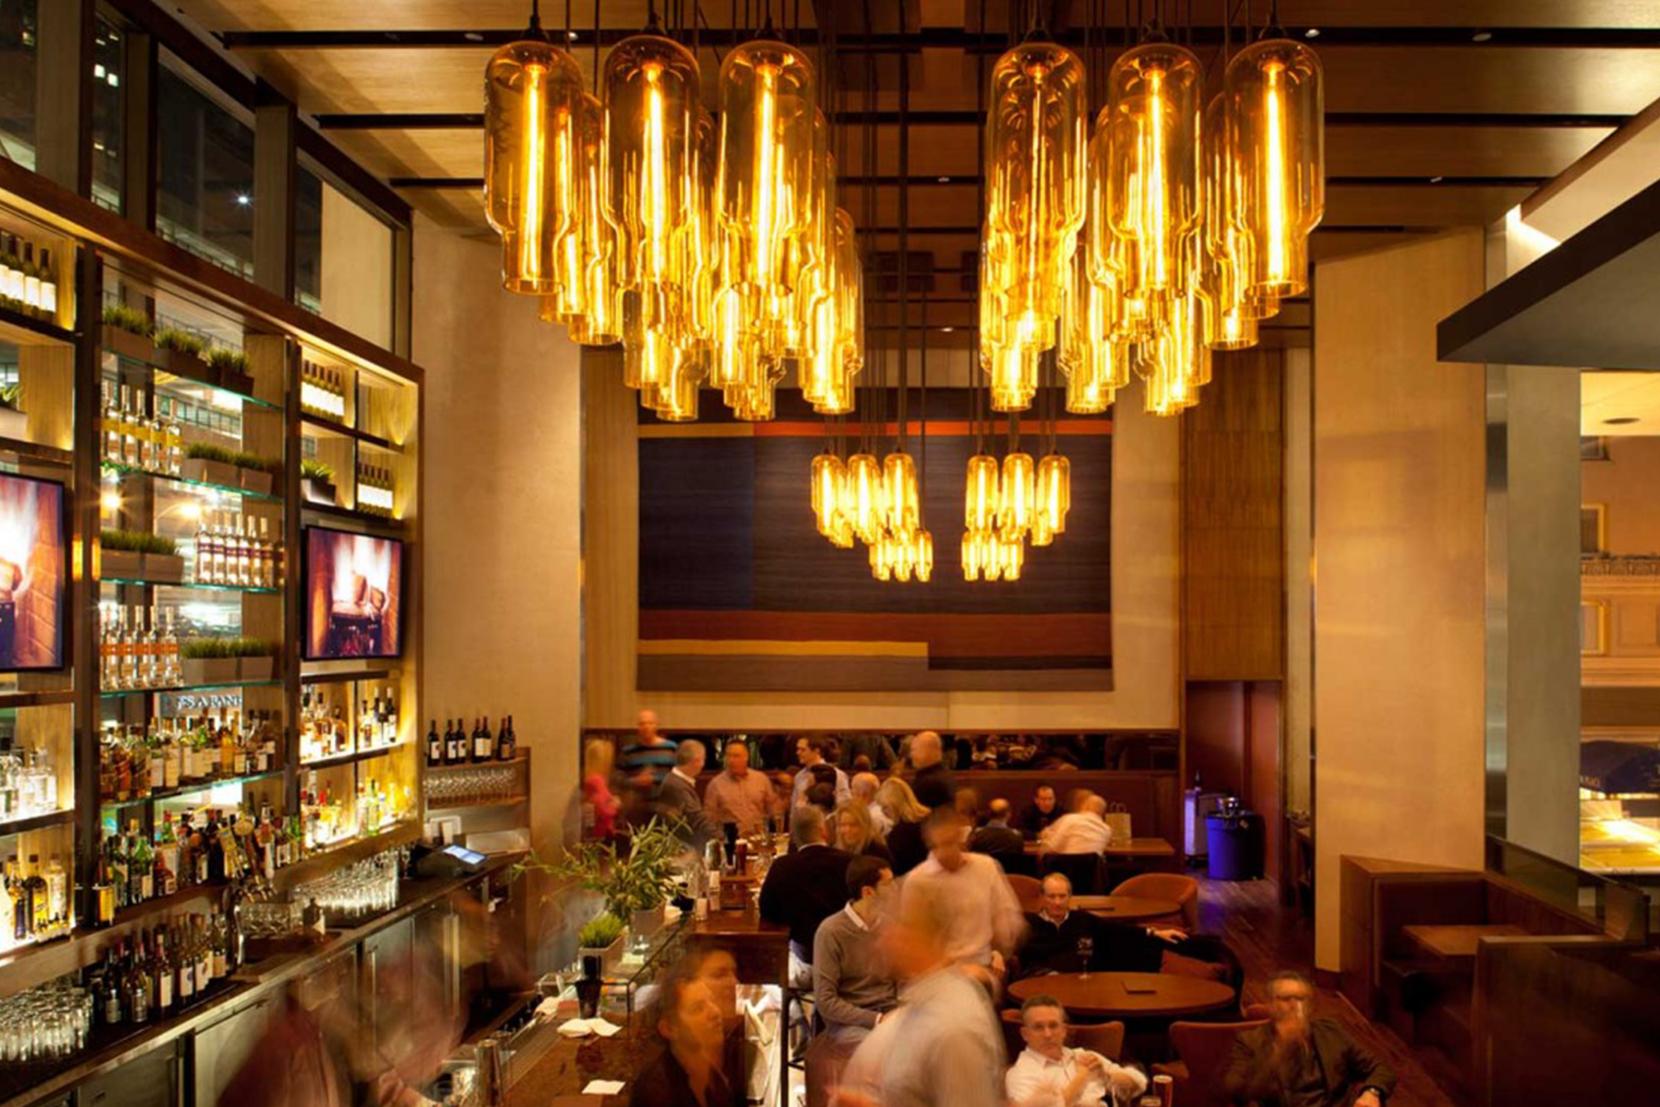 Modern-Hotel-Bar-Pendant-Lighting-Grand-Hyatt-One-Up-Lounge.png